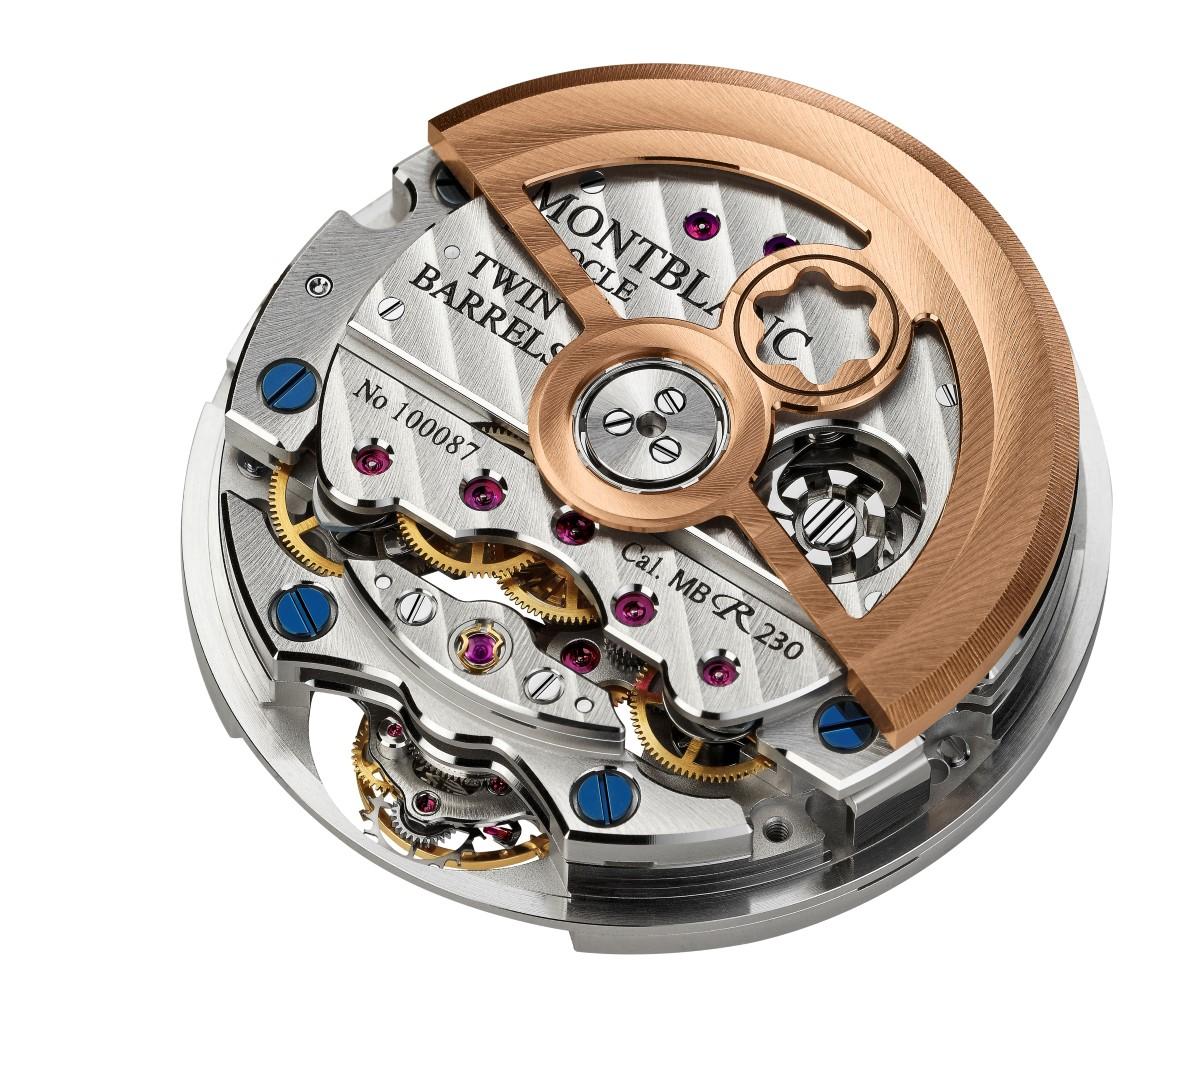 Montblanc Heritage Chronométrie ExoTourbillon - Calibre MB R230